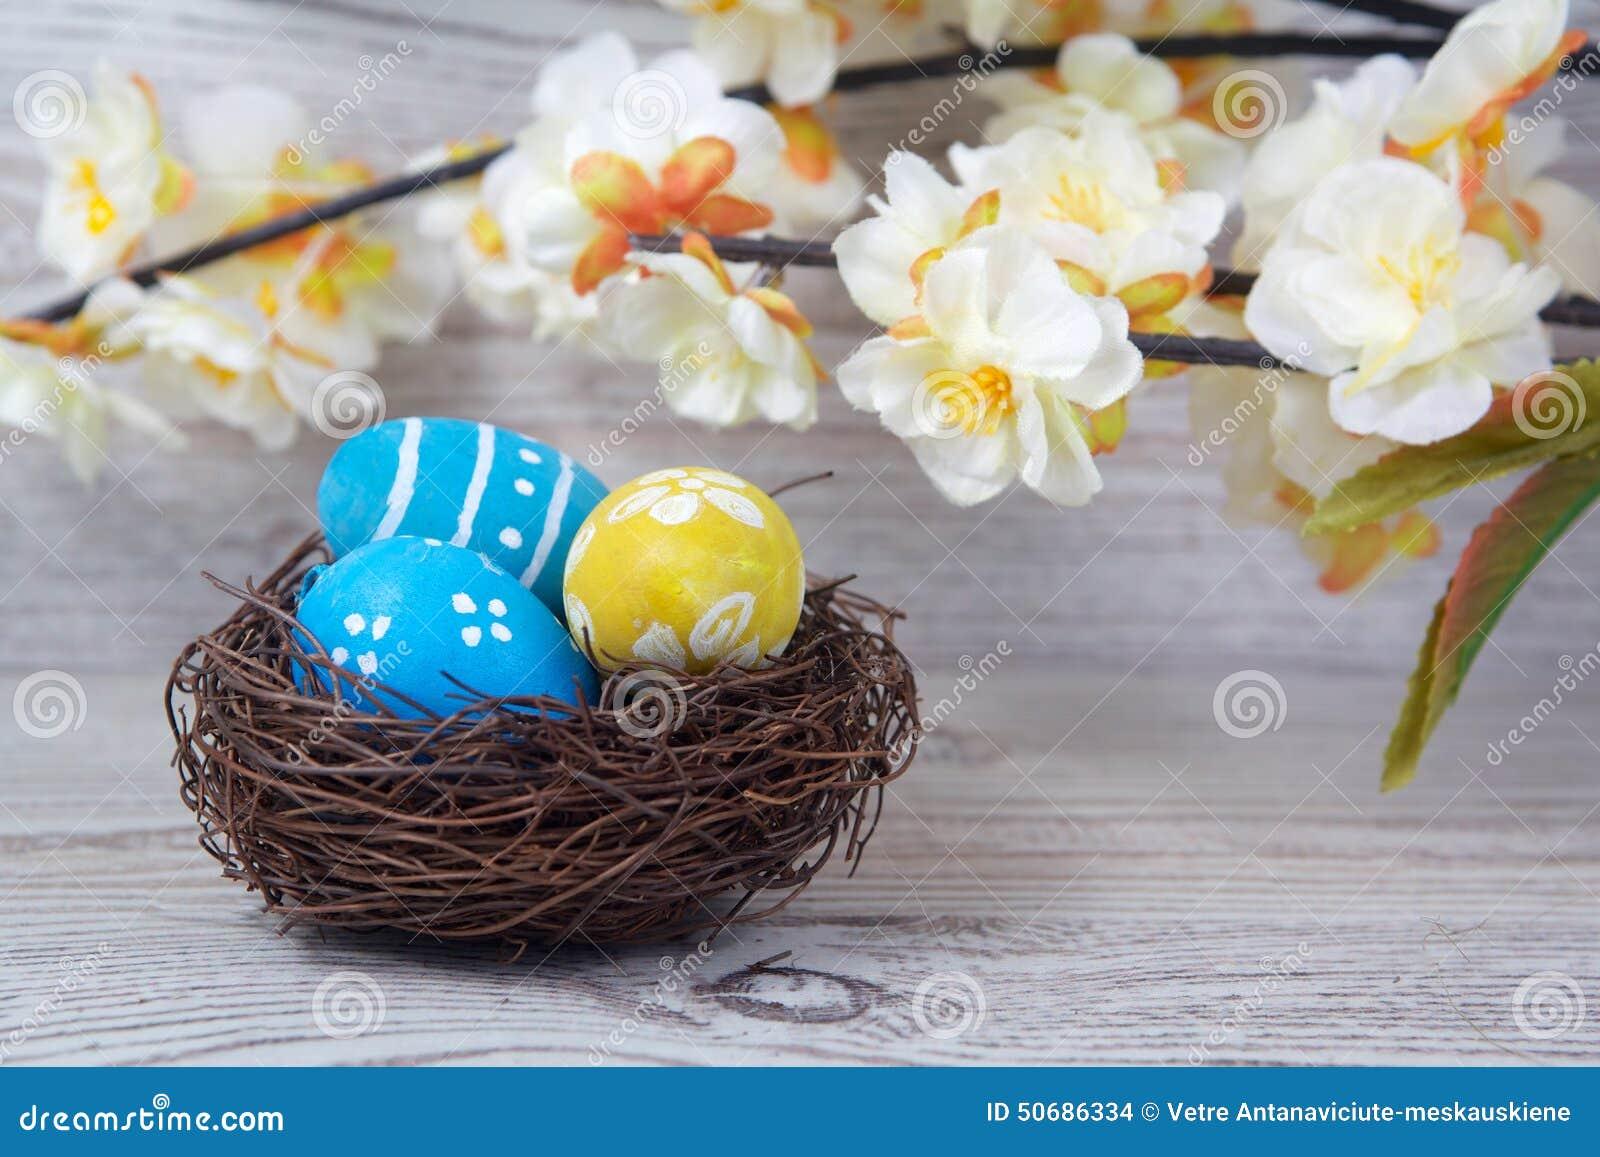 Download 复活节装饰 在巢的鸡蛋在木头 库存照片. 图片 包括有 背包, 木头, 传统, 装饰, 鸡蛋, 葡萄酒, 庆祝 - 50686334